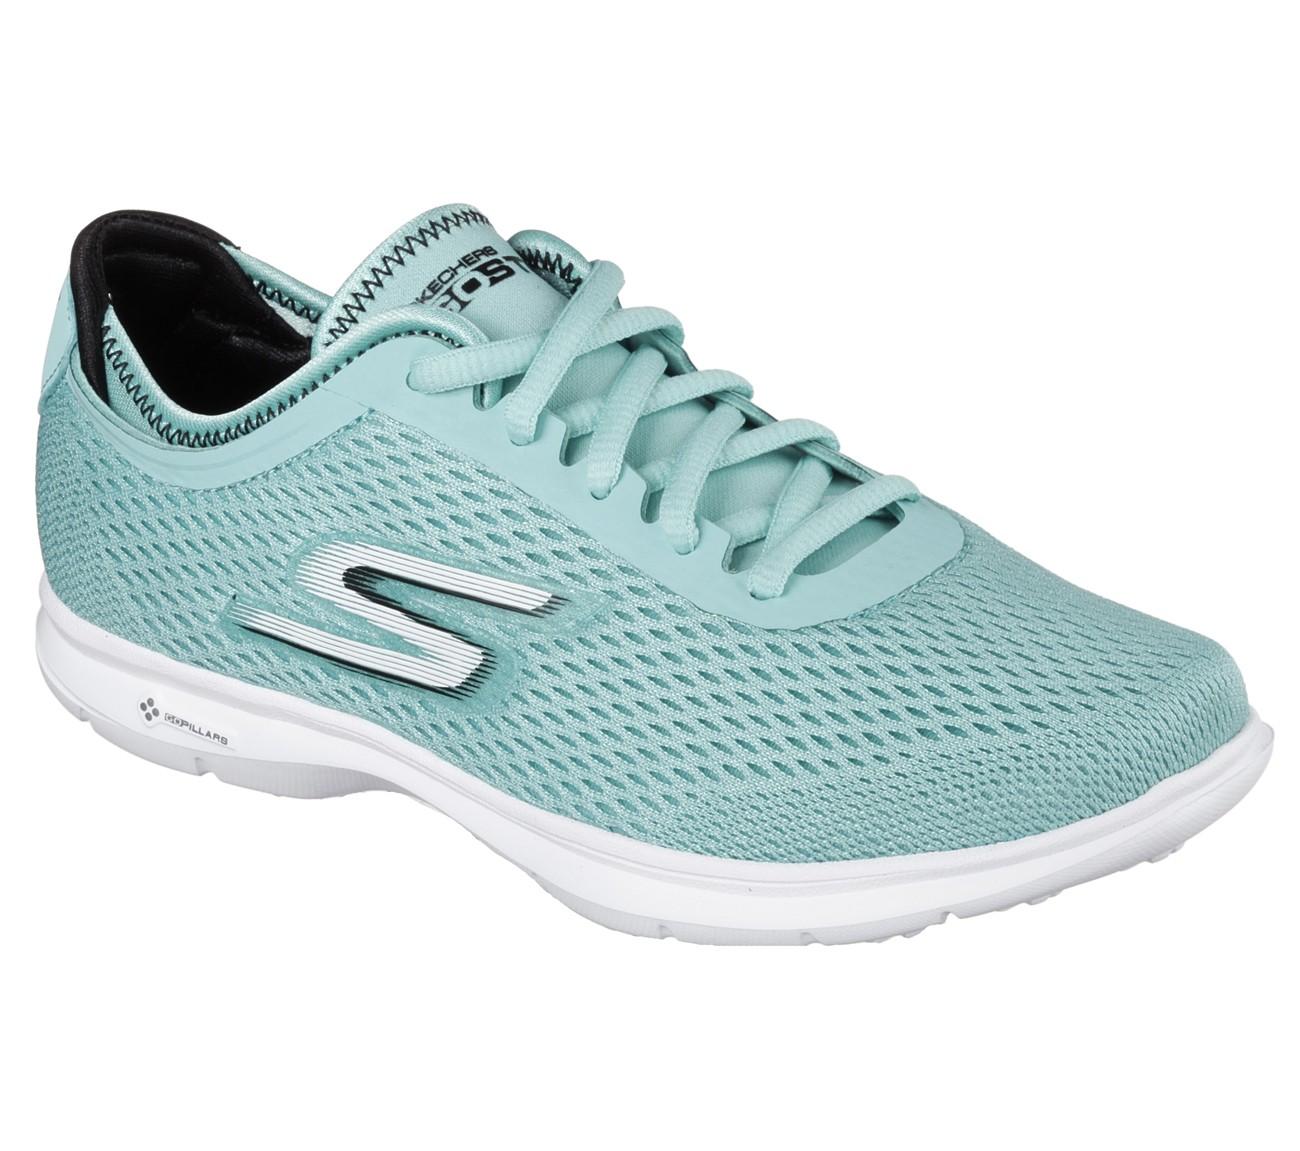 Skechers Bayan Yürüyüş Ayakkabısı Modelleri-Ayakkabı Modelleri (22)